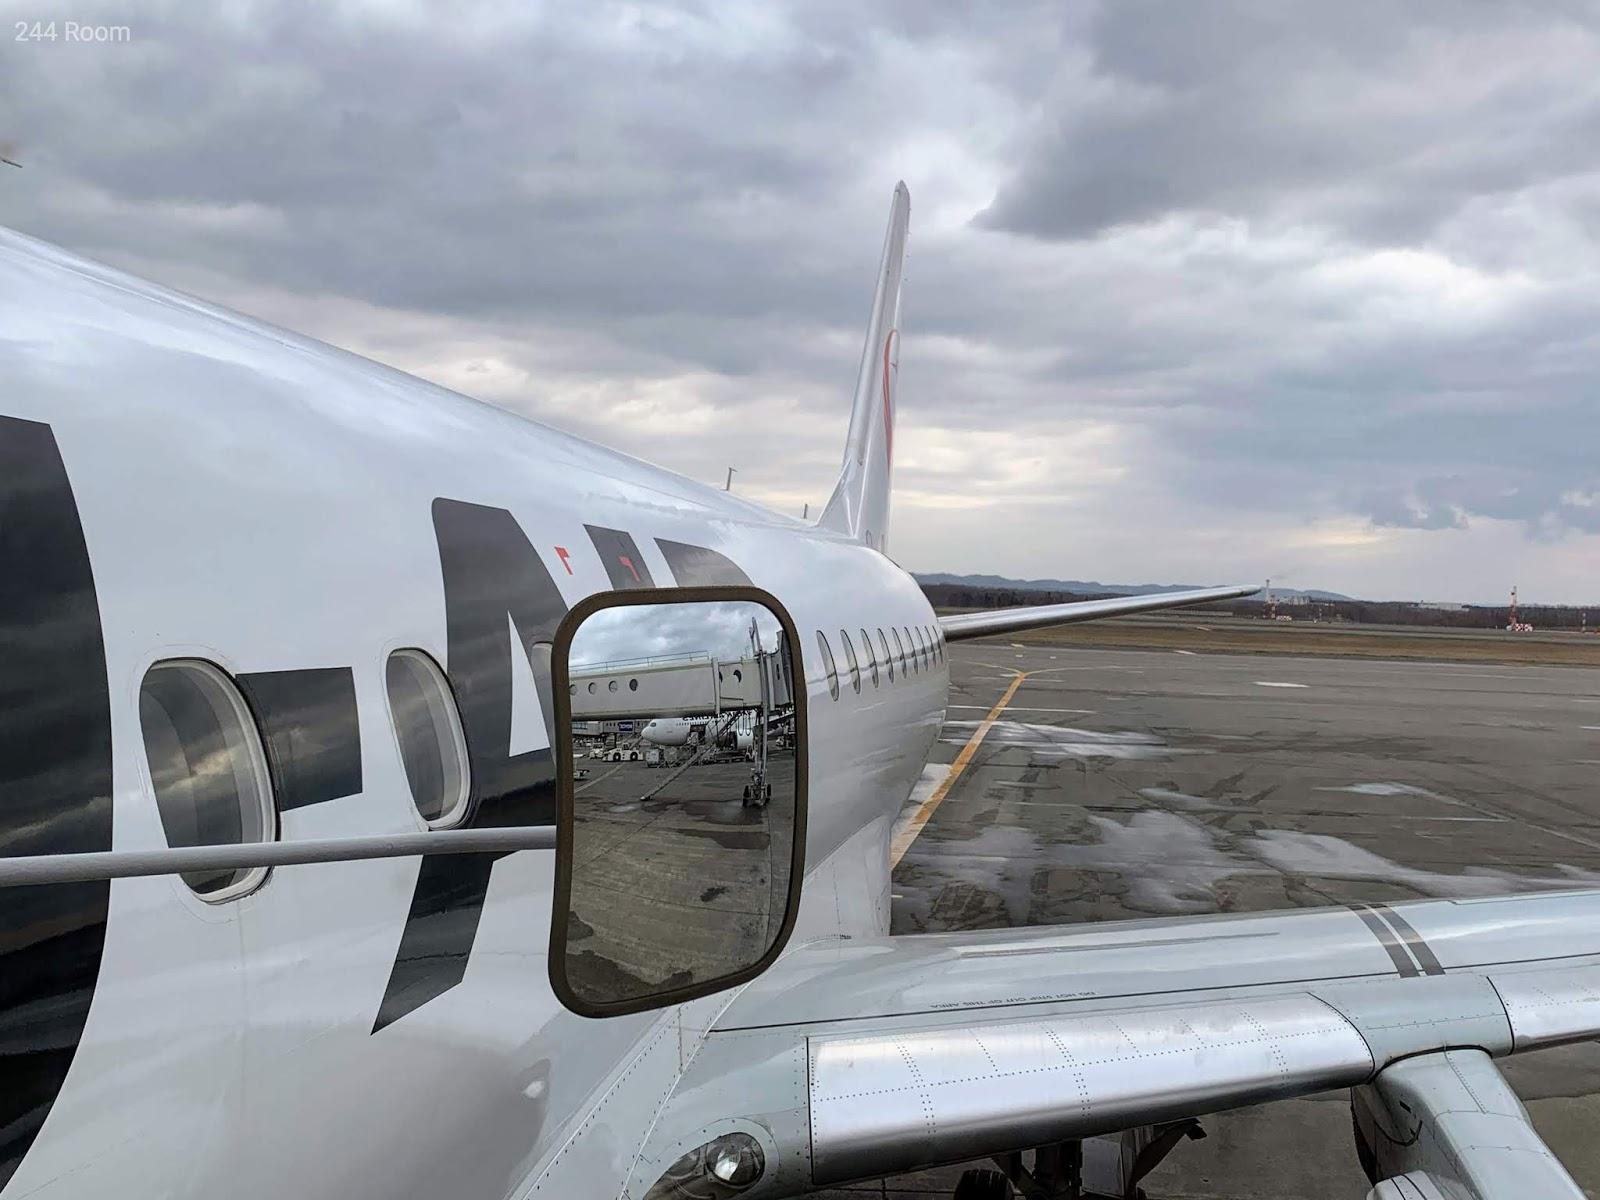 E190-E1 J-AIR